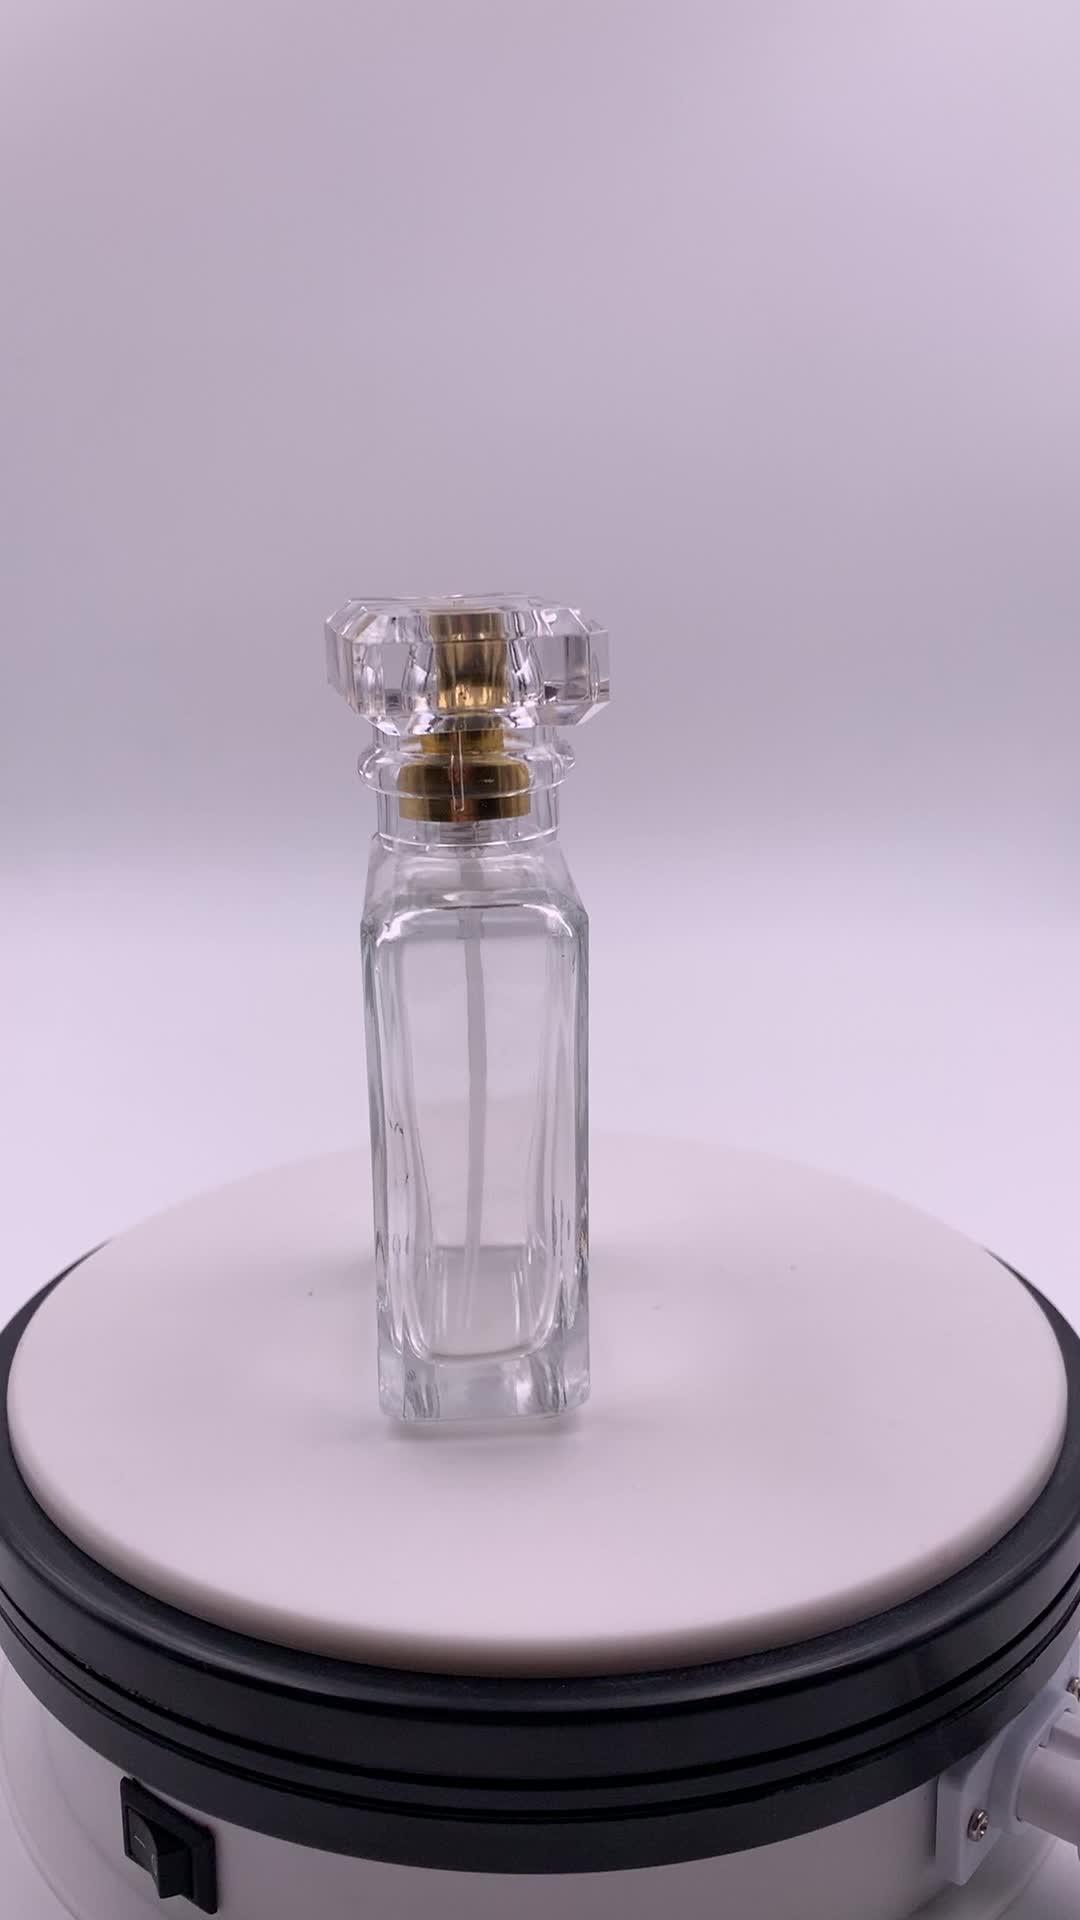 Produsen Transparan Datar Persegi Panjang 200 Ml Kosong Kaca Botol Parfum